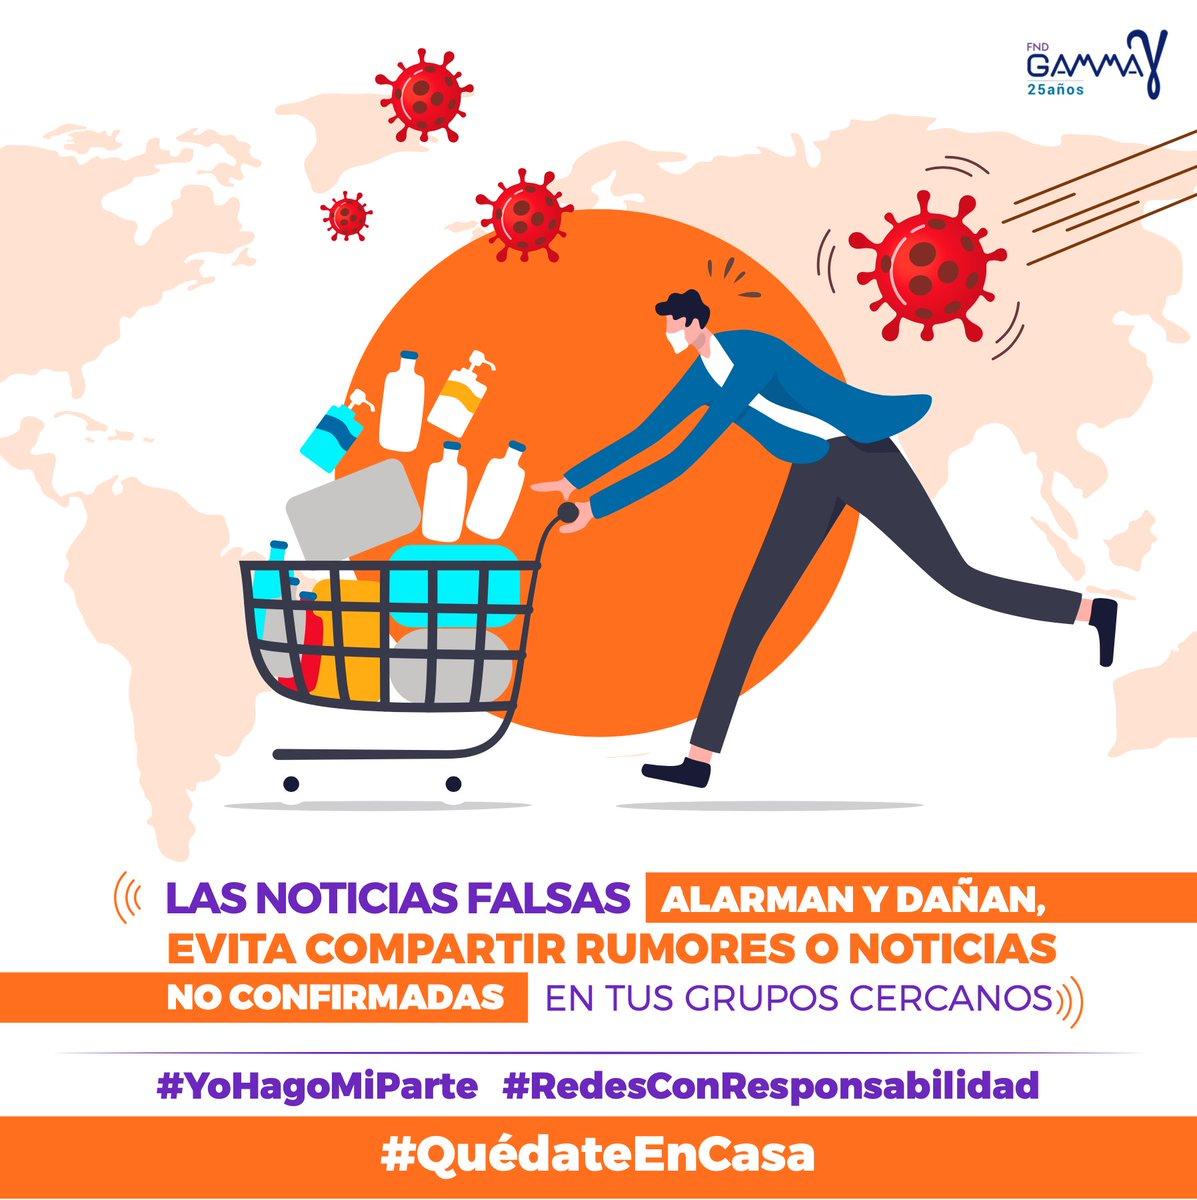 Un compromiso para verificar información No a la #desinfodemia .@ctardaguila  .@gammaecu https://t.co/viHXLKWM8e